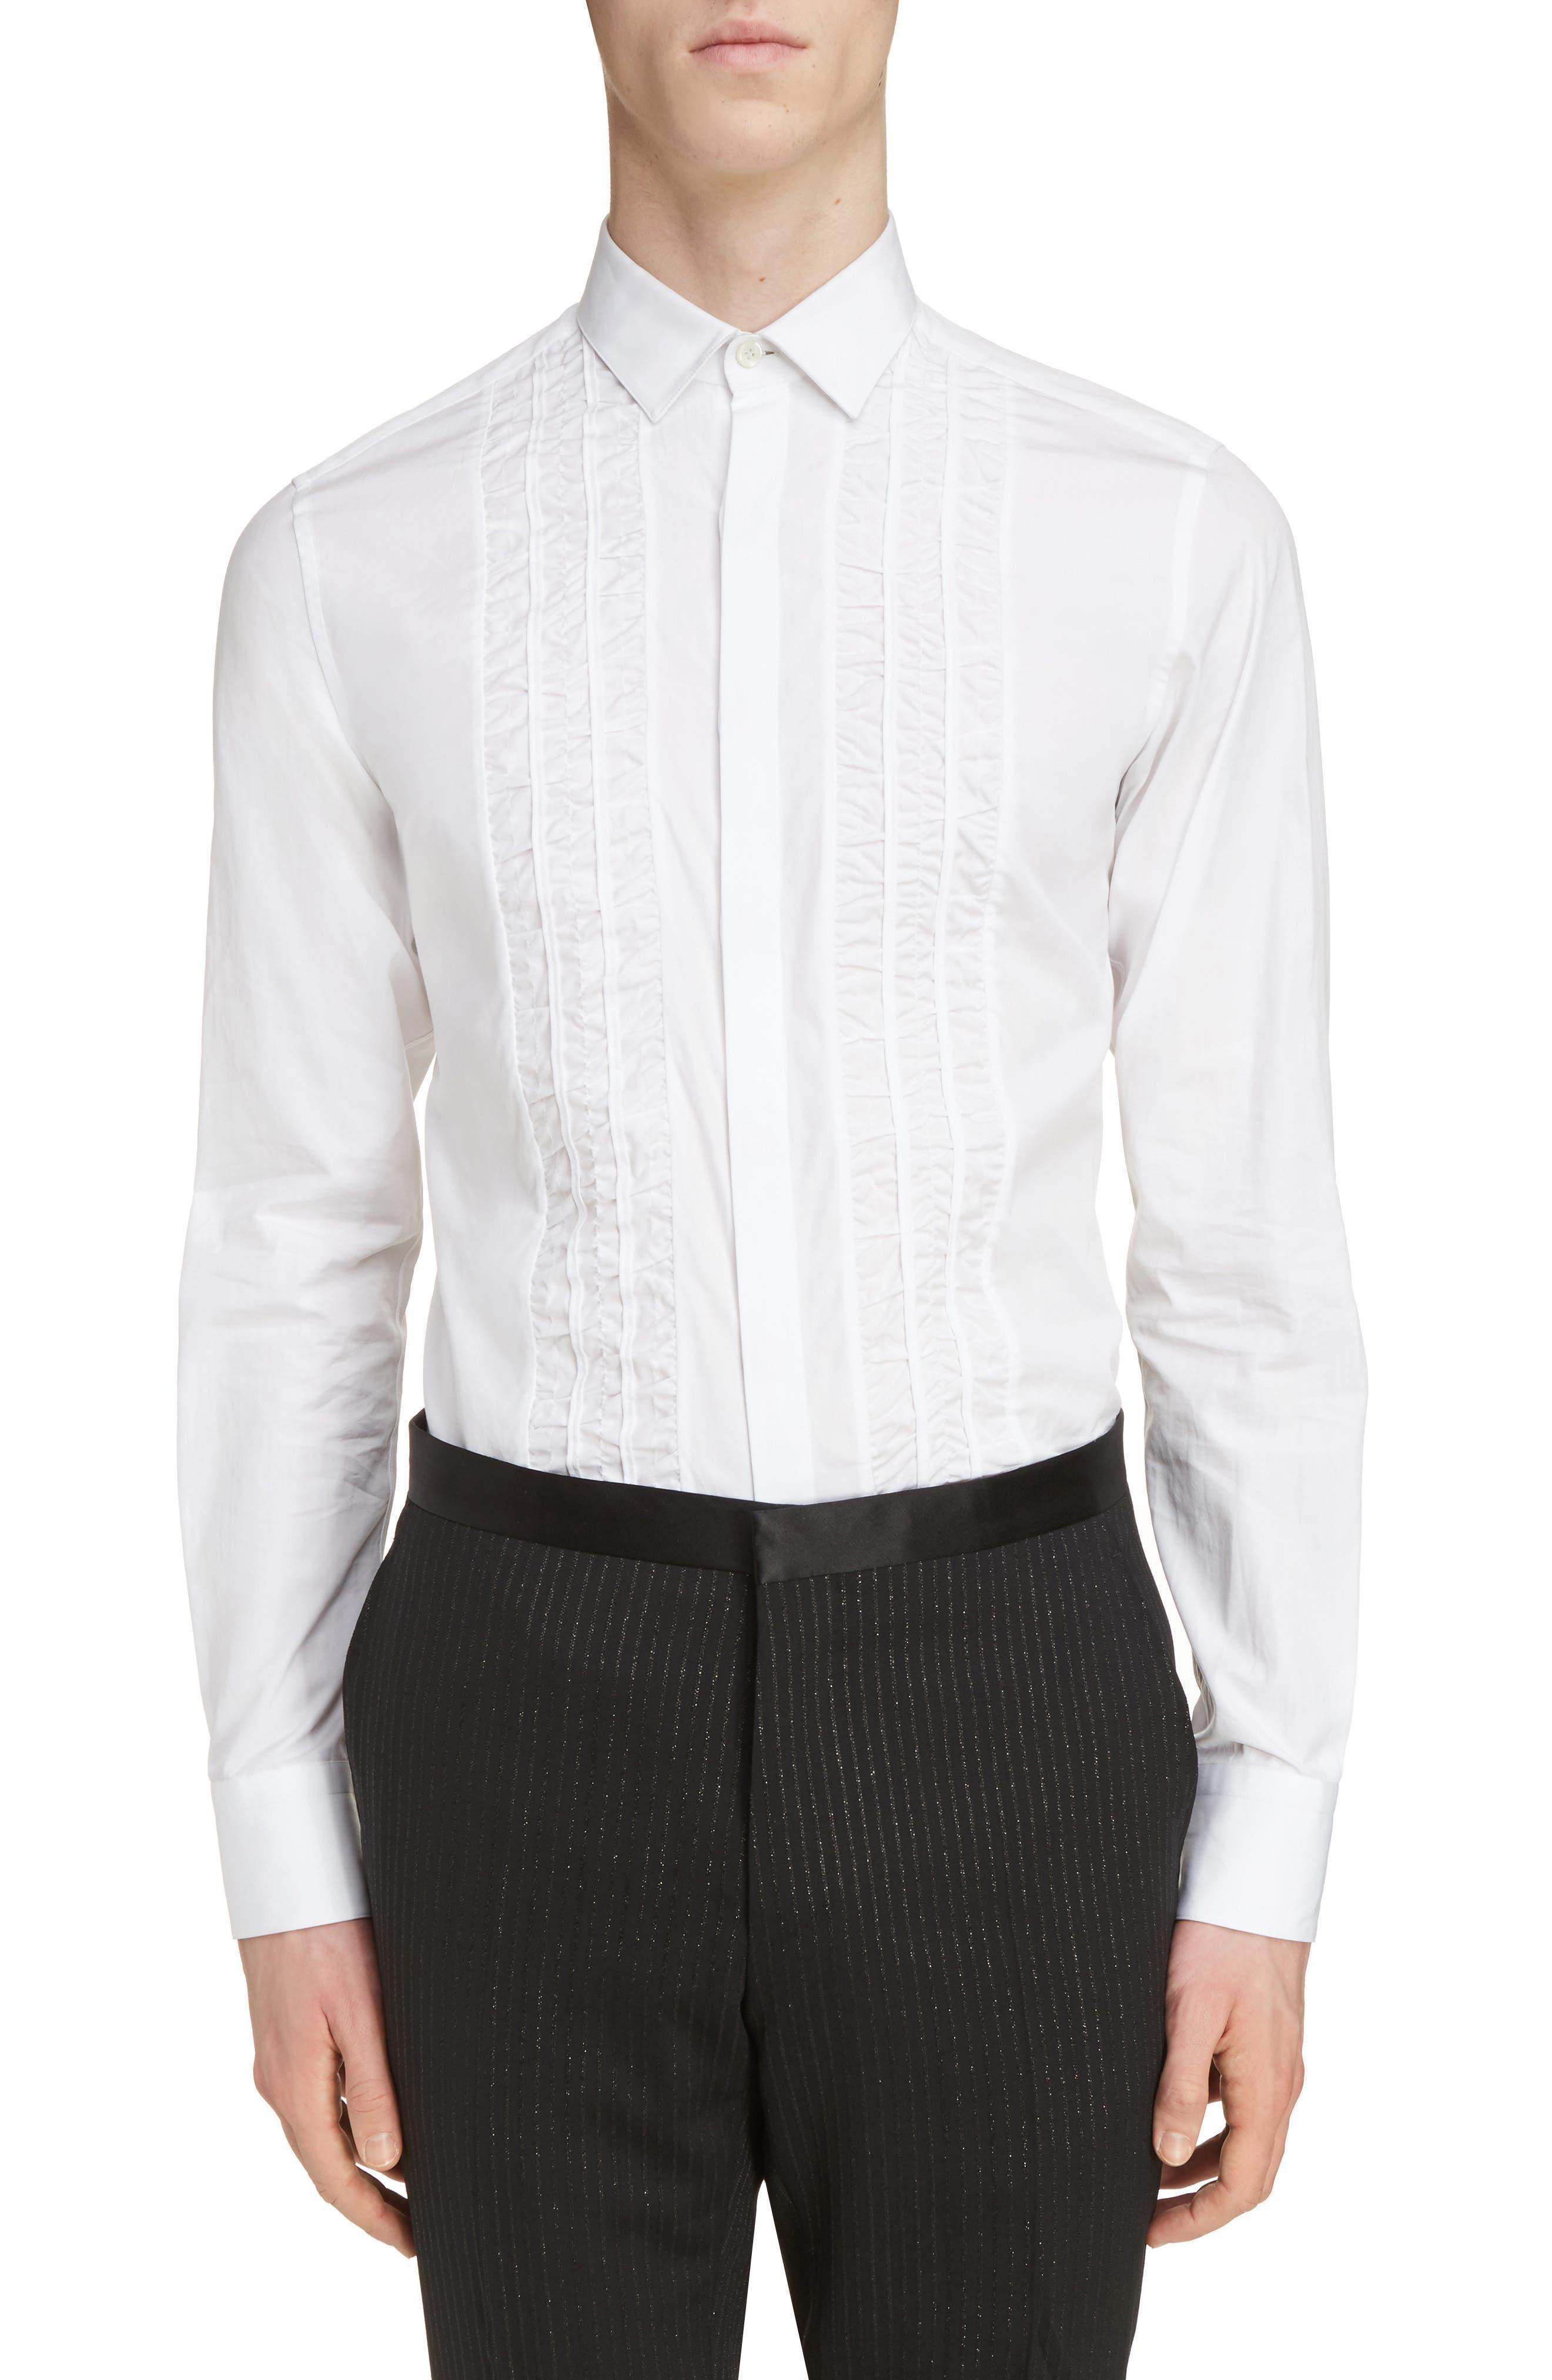 Lanvin Ruffle Tuxedo Shirt